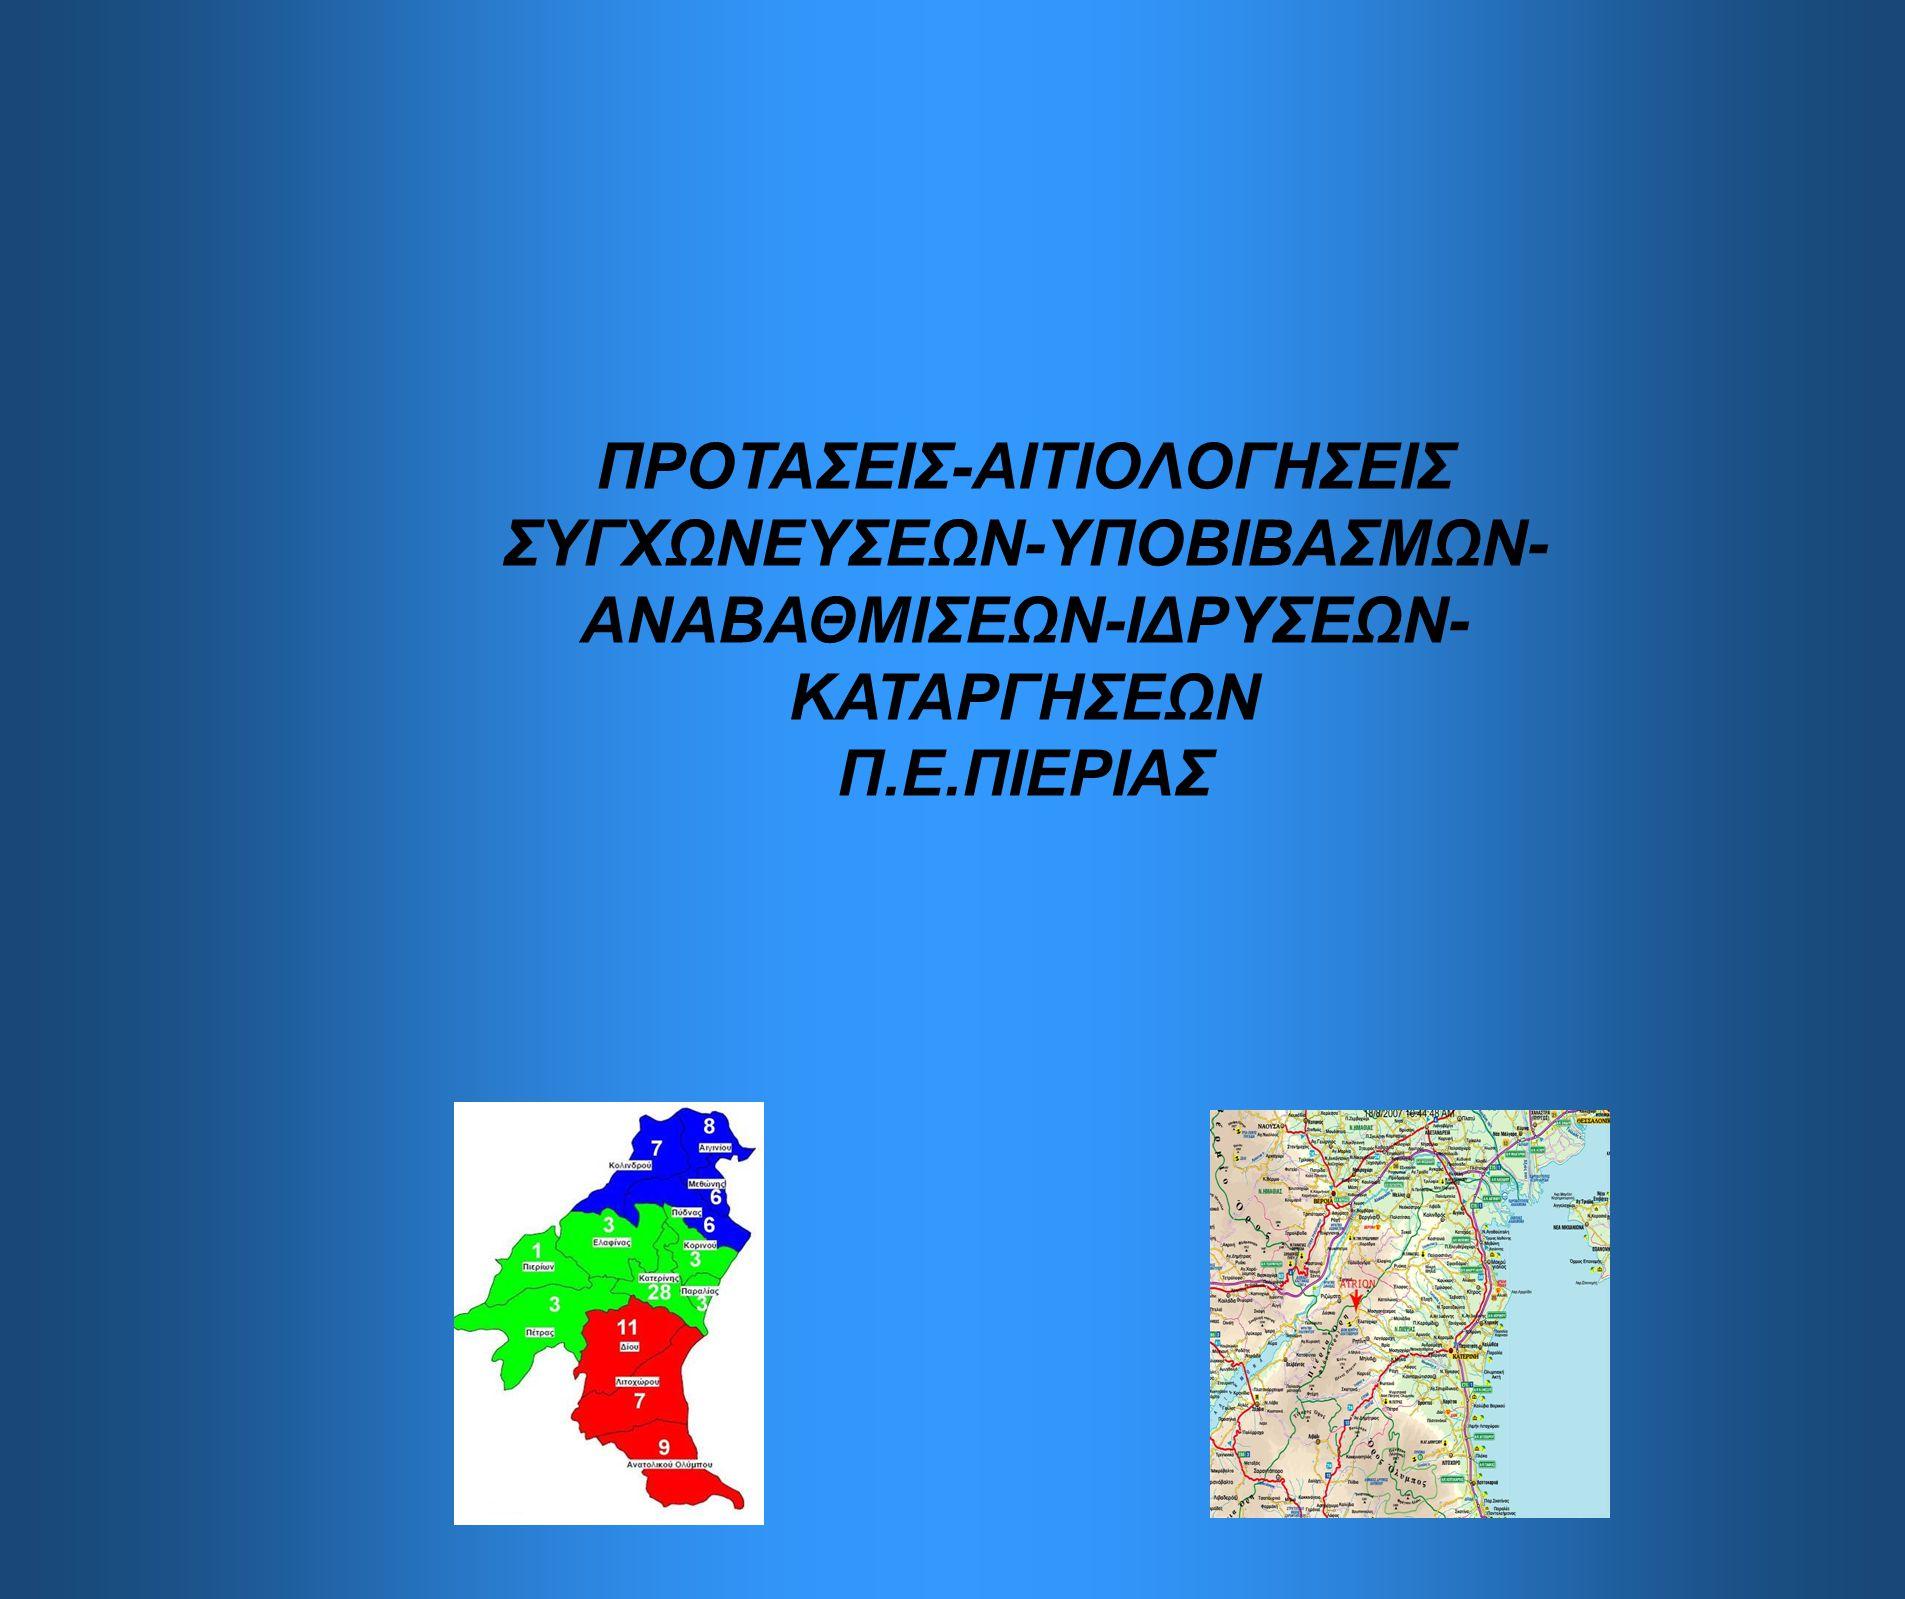 ΠΡΟΤΑΣΕΙΣ-ΑΙΤΙΟΛΟΓΗΣΕΙΣ ΣΥΓΧΩΝΕΥΣΕΩΝ-ΥΠΟΒΙΒΑΣΜΩΝ- ΑΝΑΒΑΘΜΙΣΕΩΝ-ΙΔΡΥΣΕΩΝ- ΚΑΤΑΡΓΗΣΕΩΝ Π.Ε.ΠΙΕΡΙΑΣ